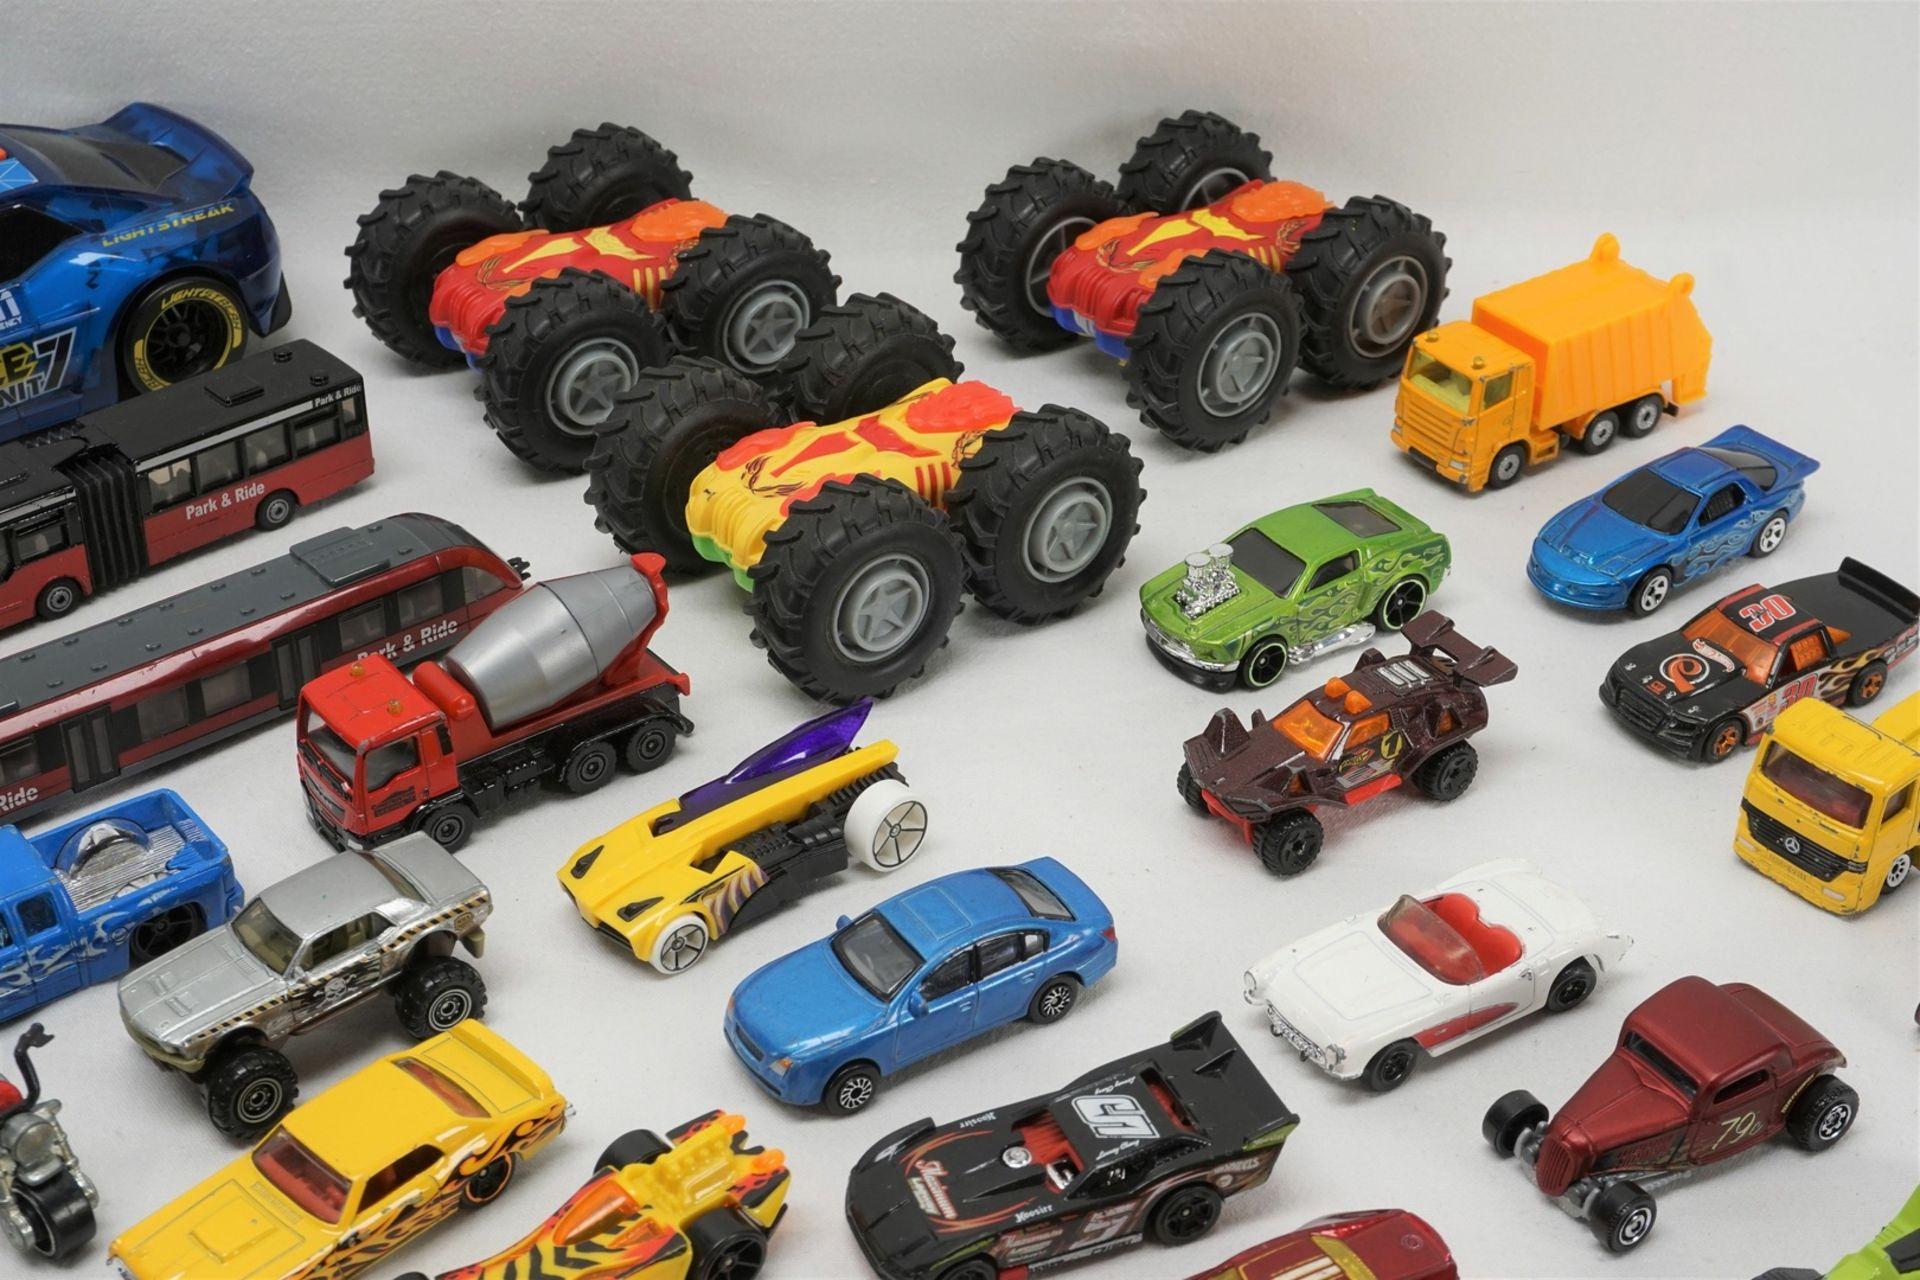 67 Modellfahrzeuge - Bild 4 aus 4